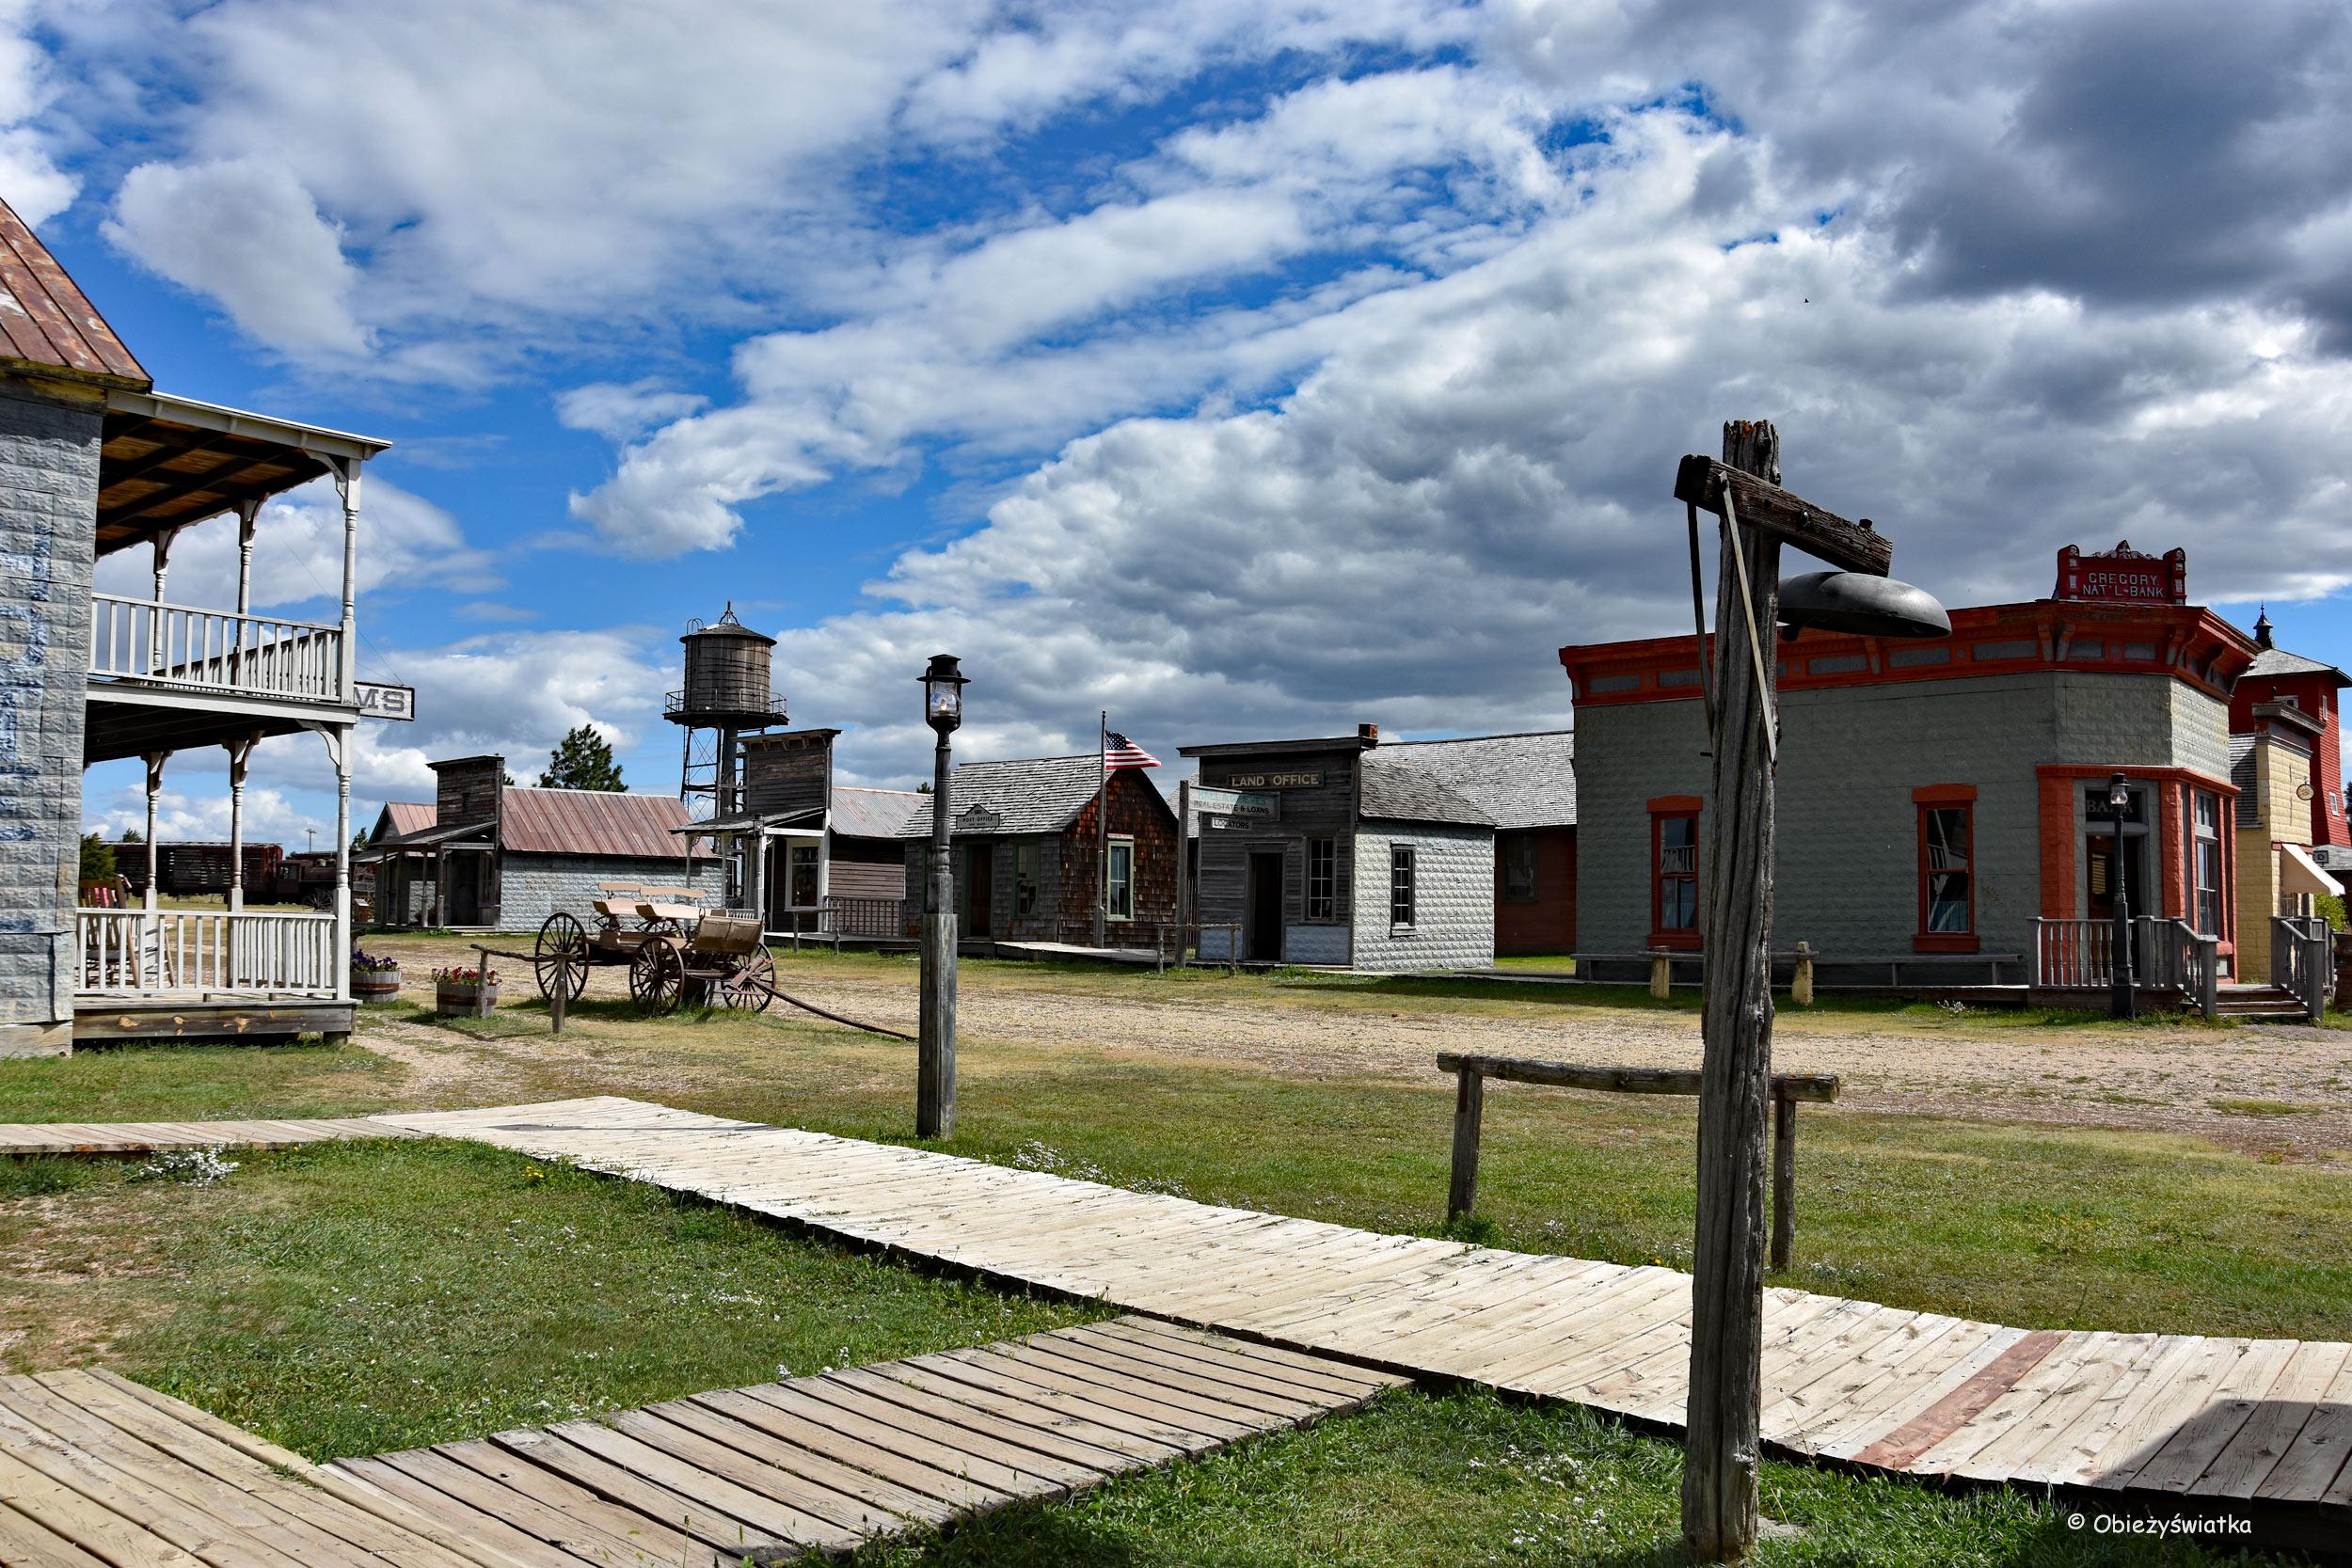 W miasteczku na Dzikim Zachodzie - 1880 Town